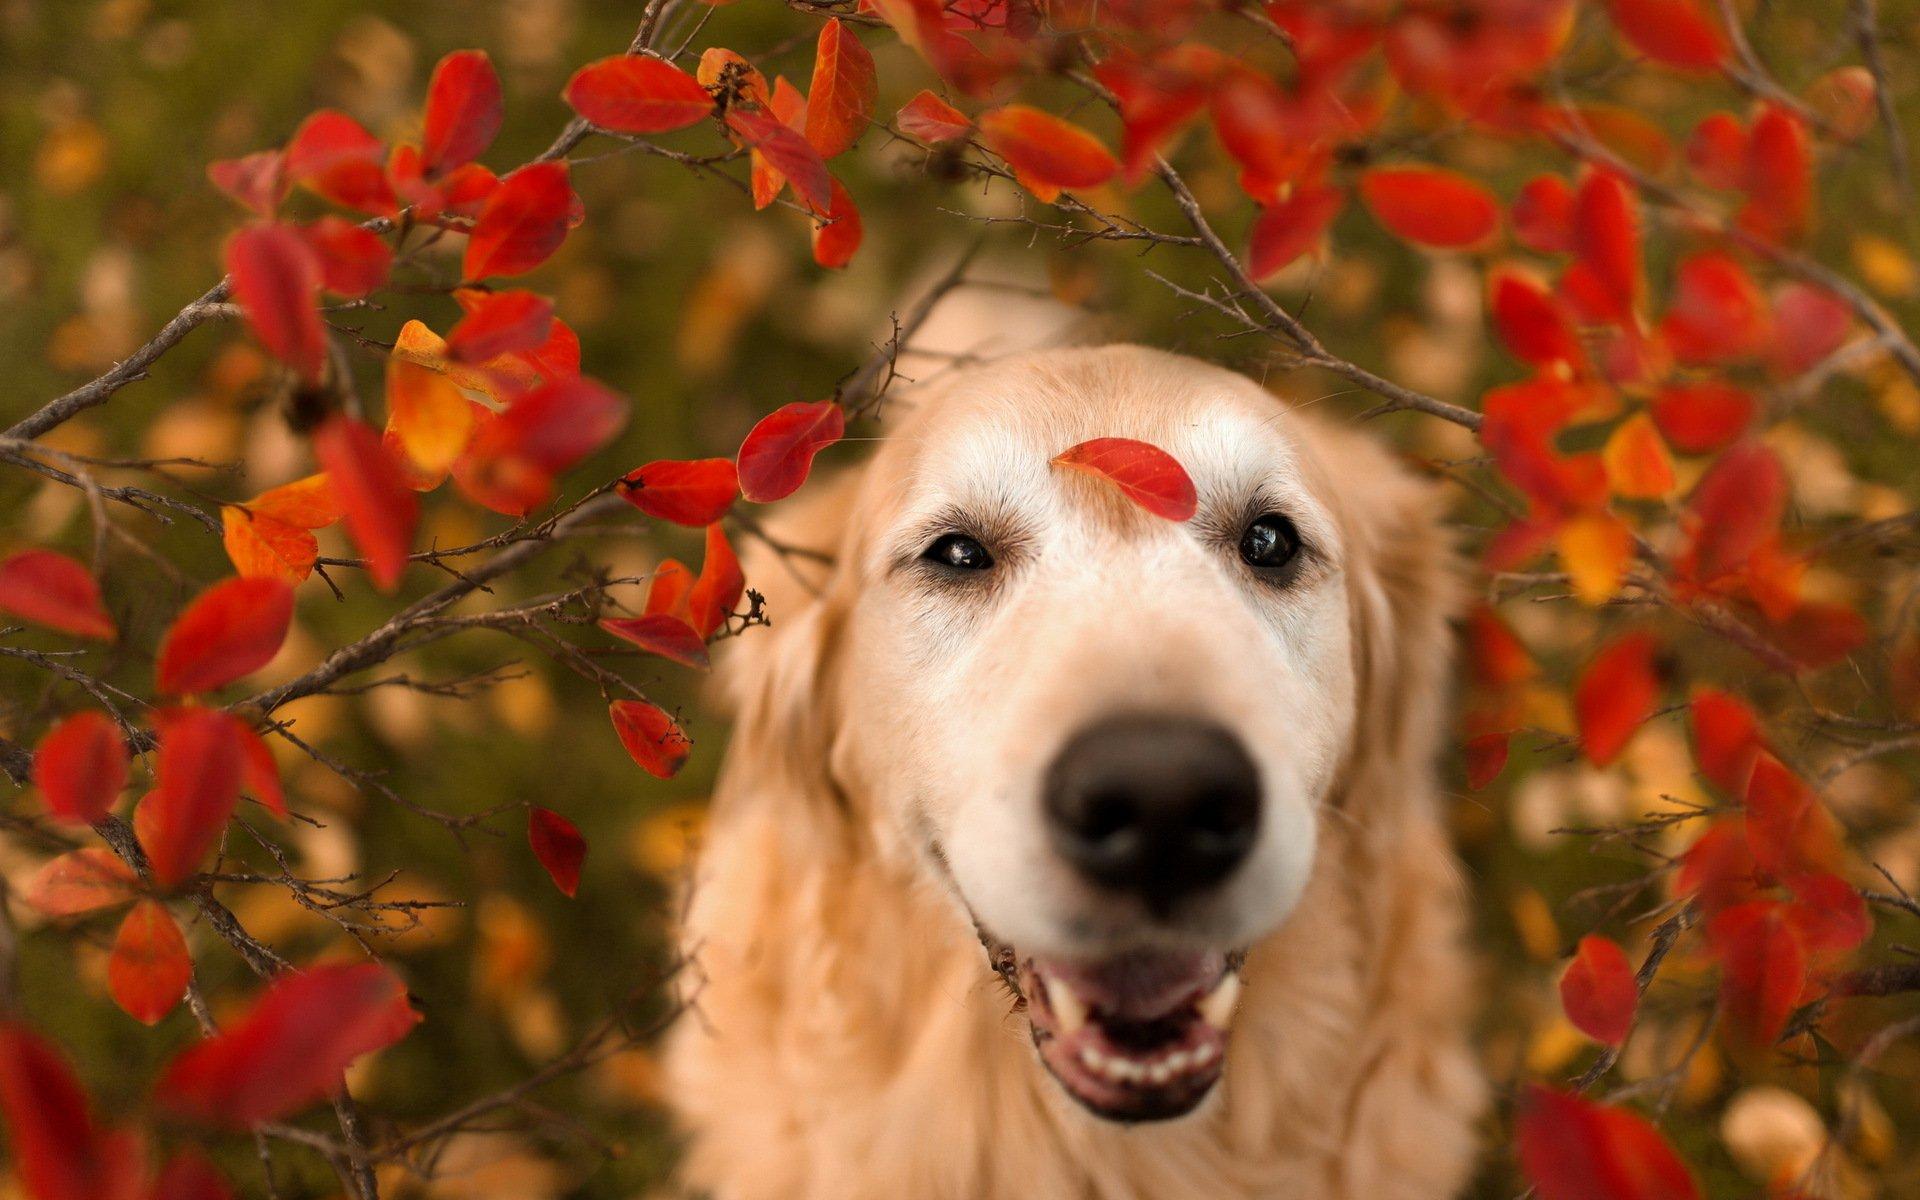 природа животные собака осень листья  № 2019463 загрузить